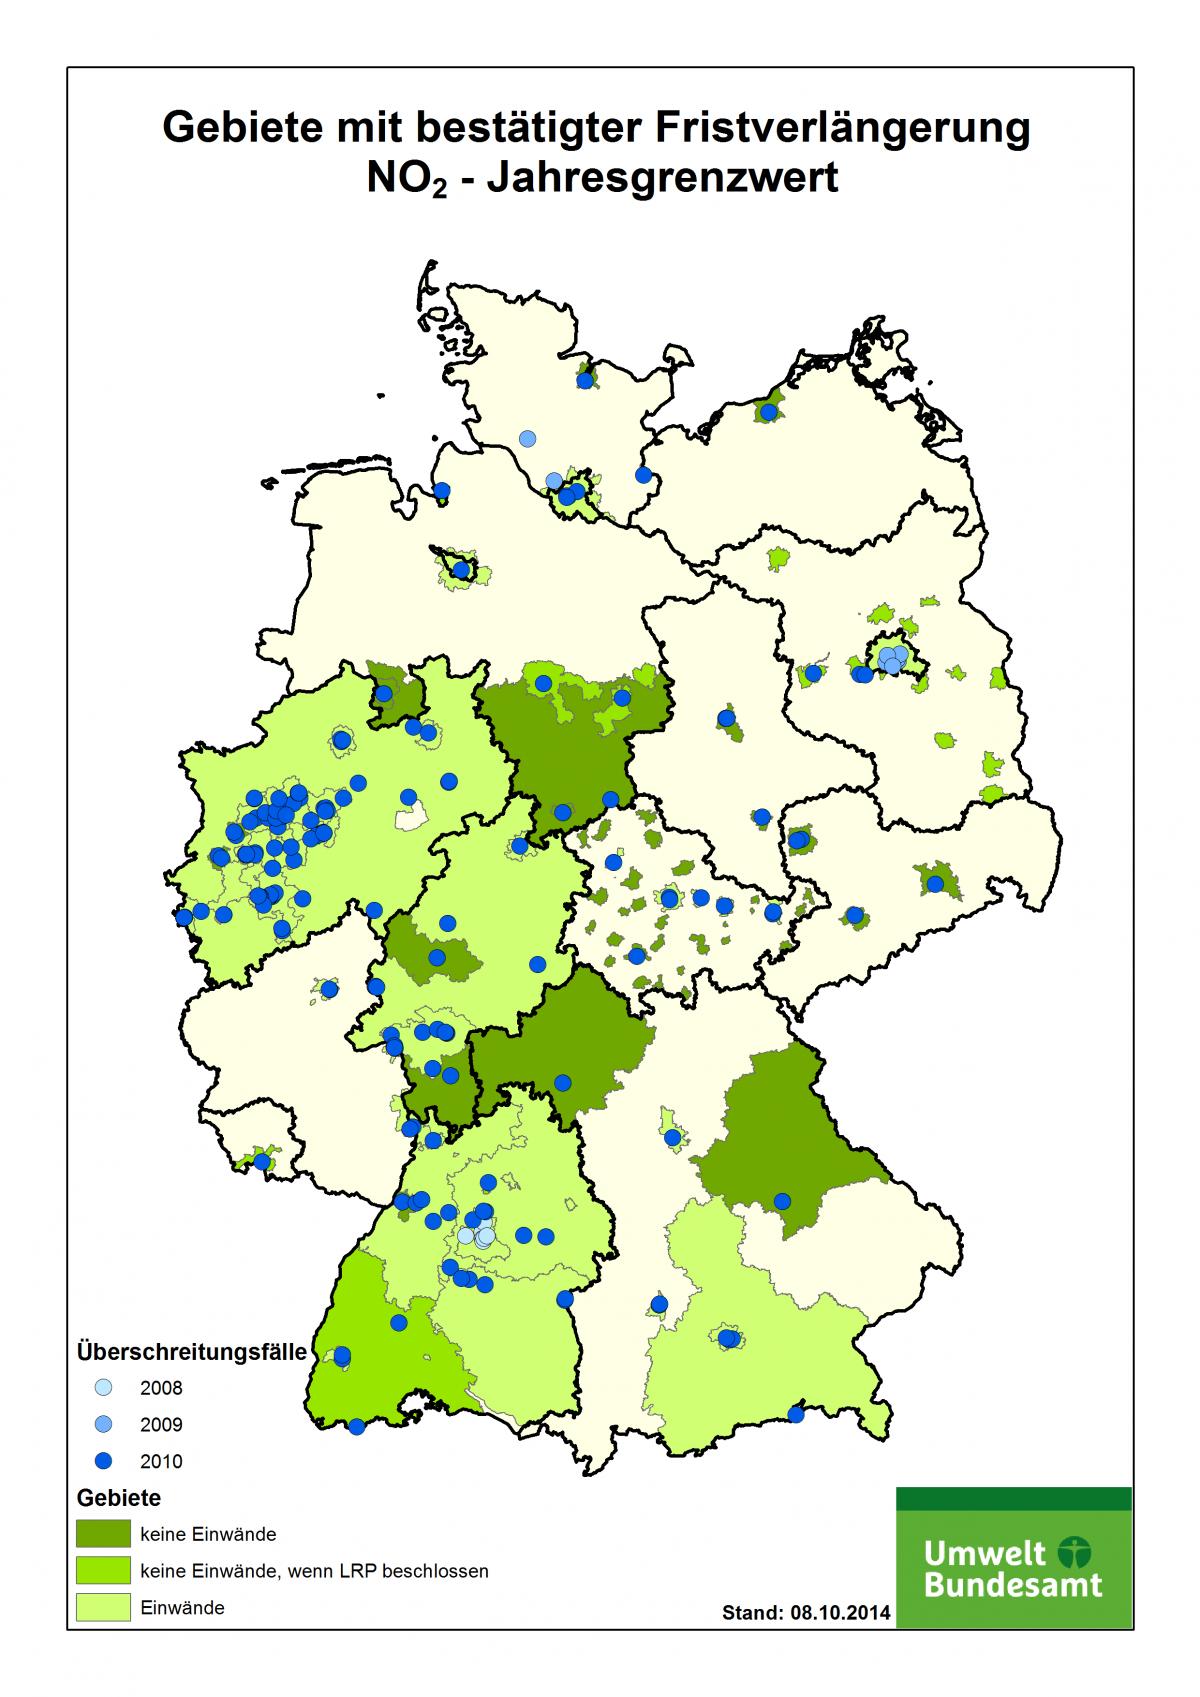 Eine Deutschlandkarte zeigt die Gebiete, die eine Fristverlängerung für den NO2-Jahresgrenzwert beantragt haben